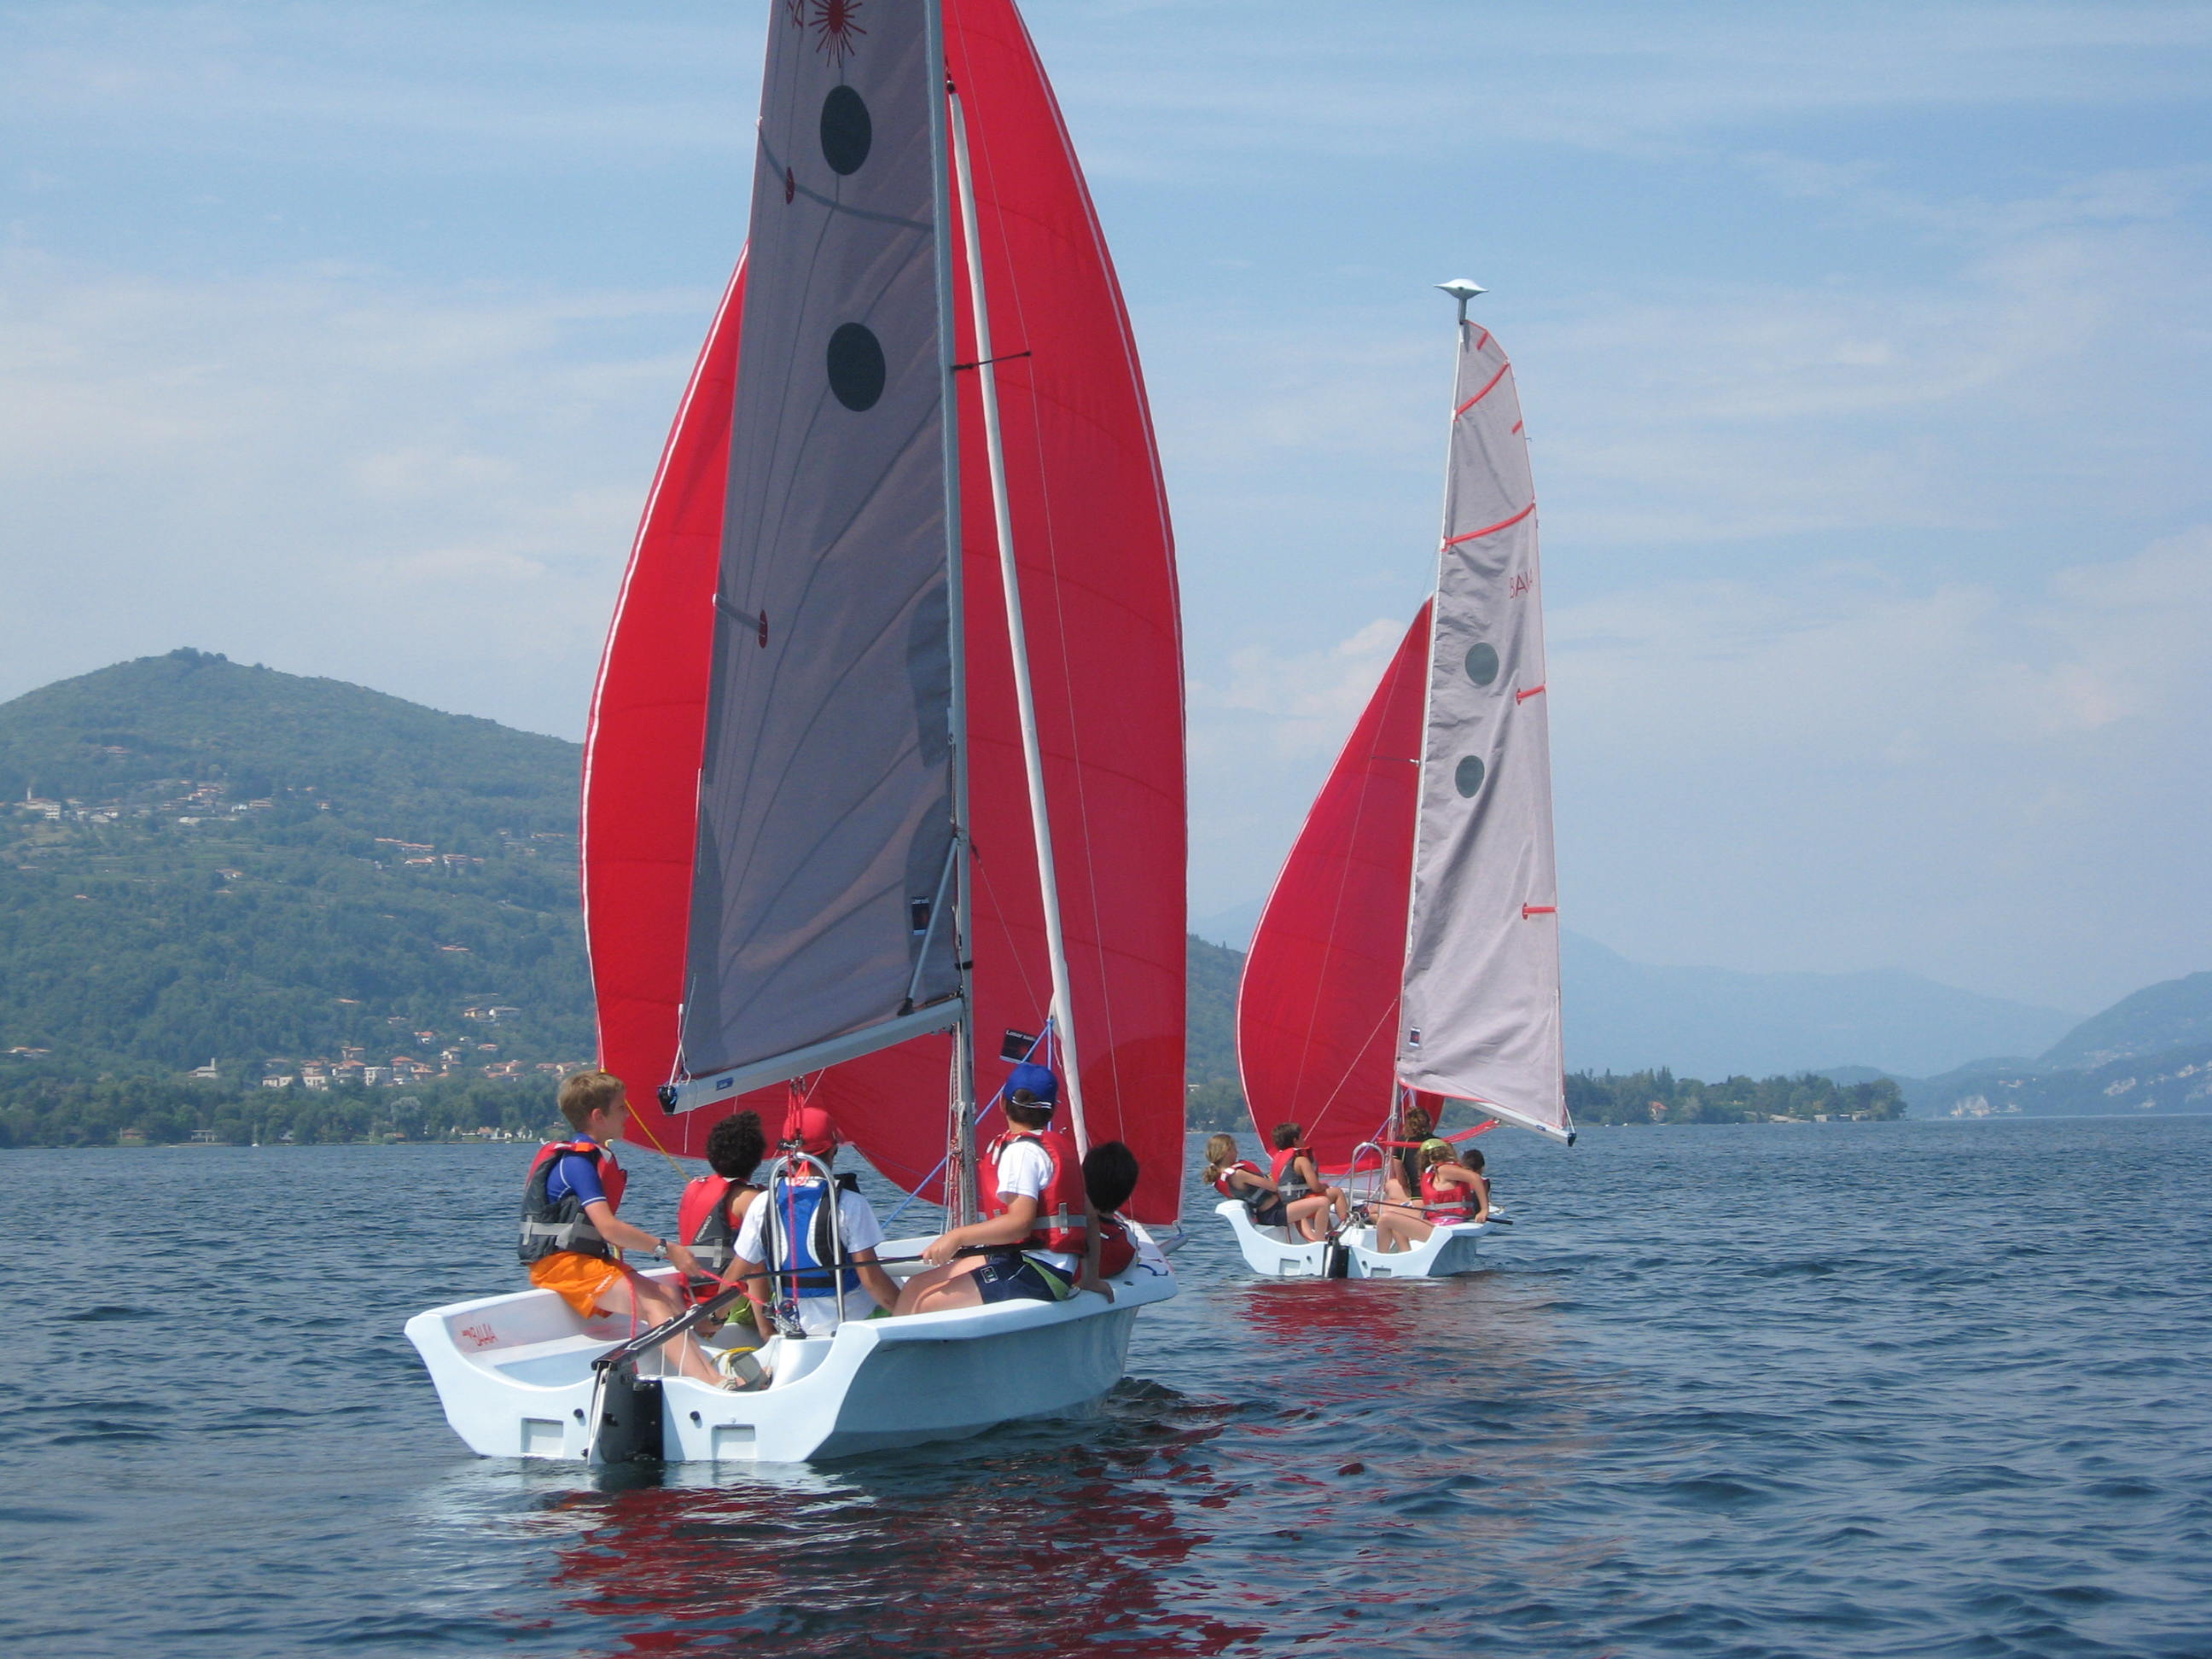 due barche a vela in acqua con su dei ragazzini e vista delle montagne